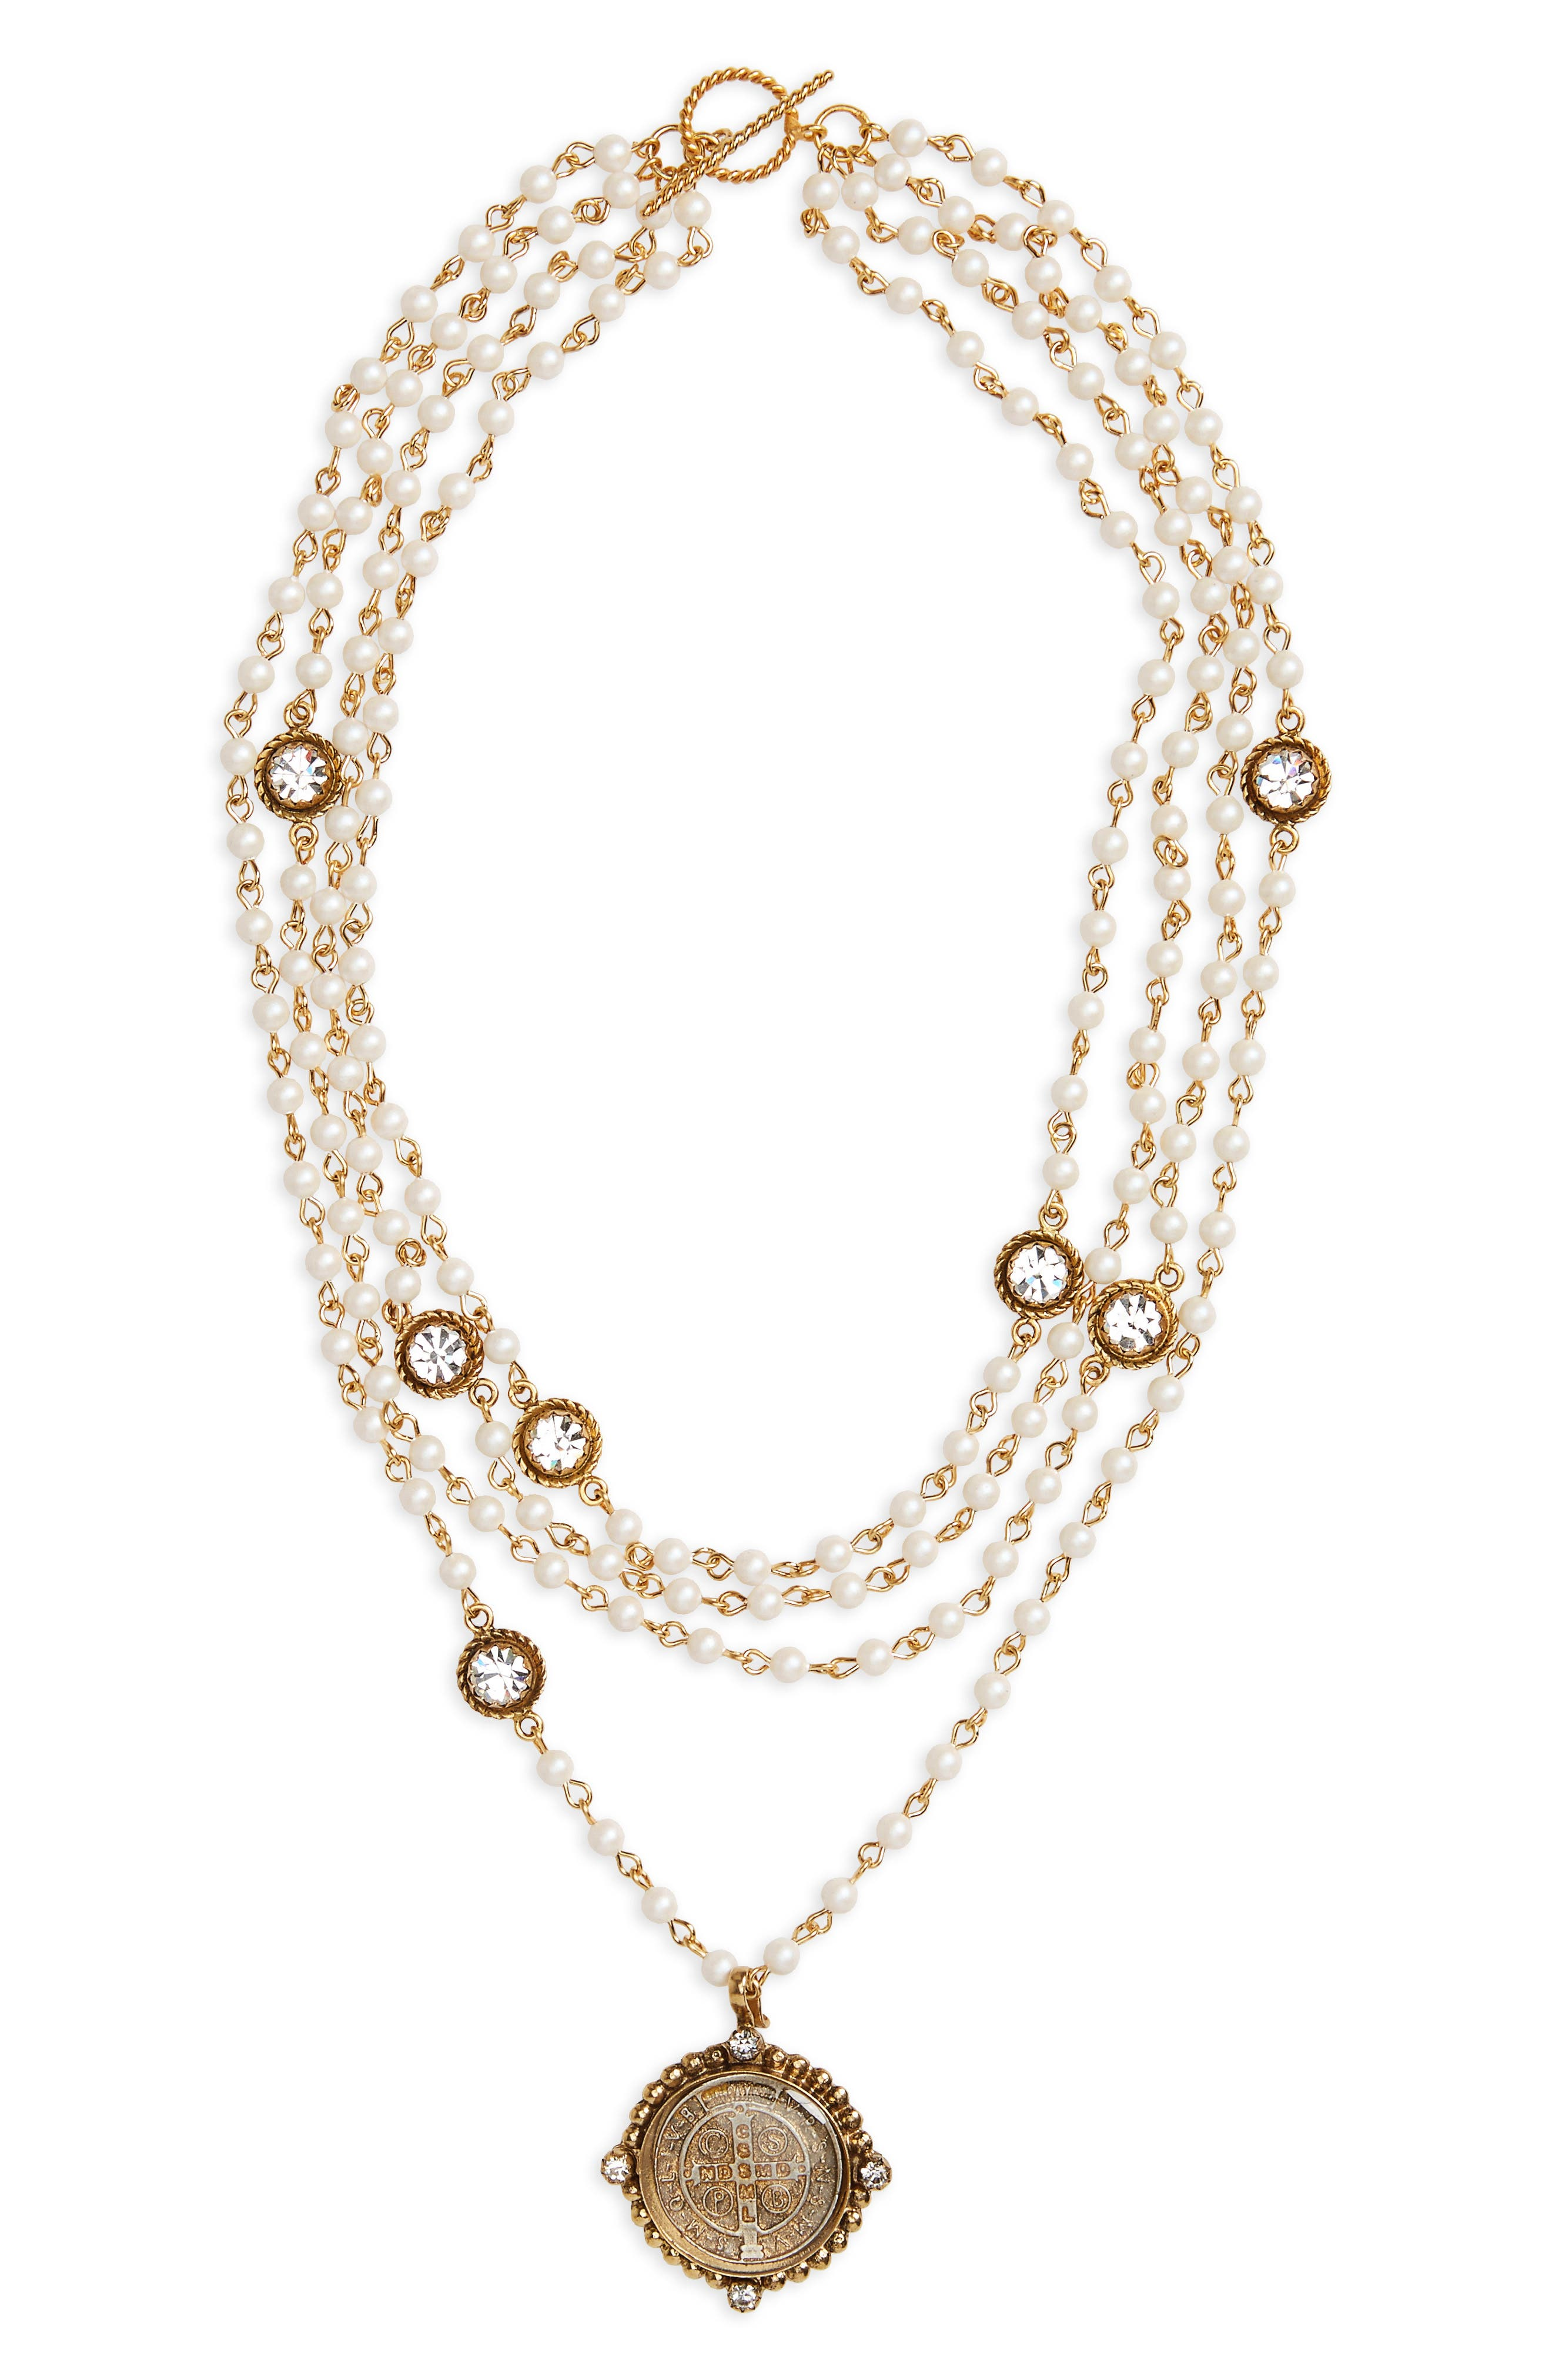 San Benito Magdalena Imitation Pearl Necklace,                             Main thumbnail 1, color,                             Iridescent Pearl/ Clear